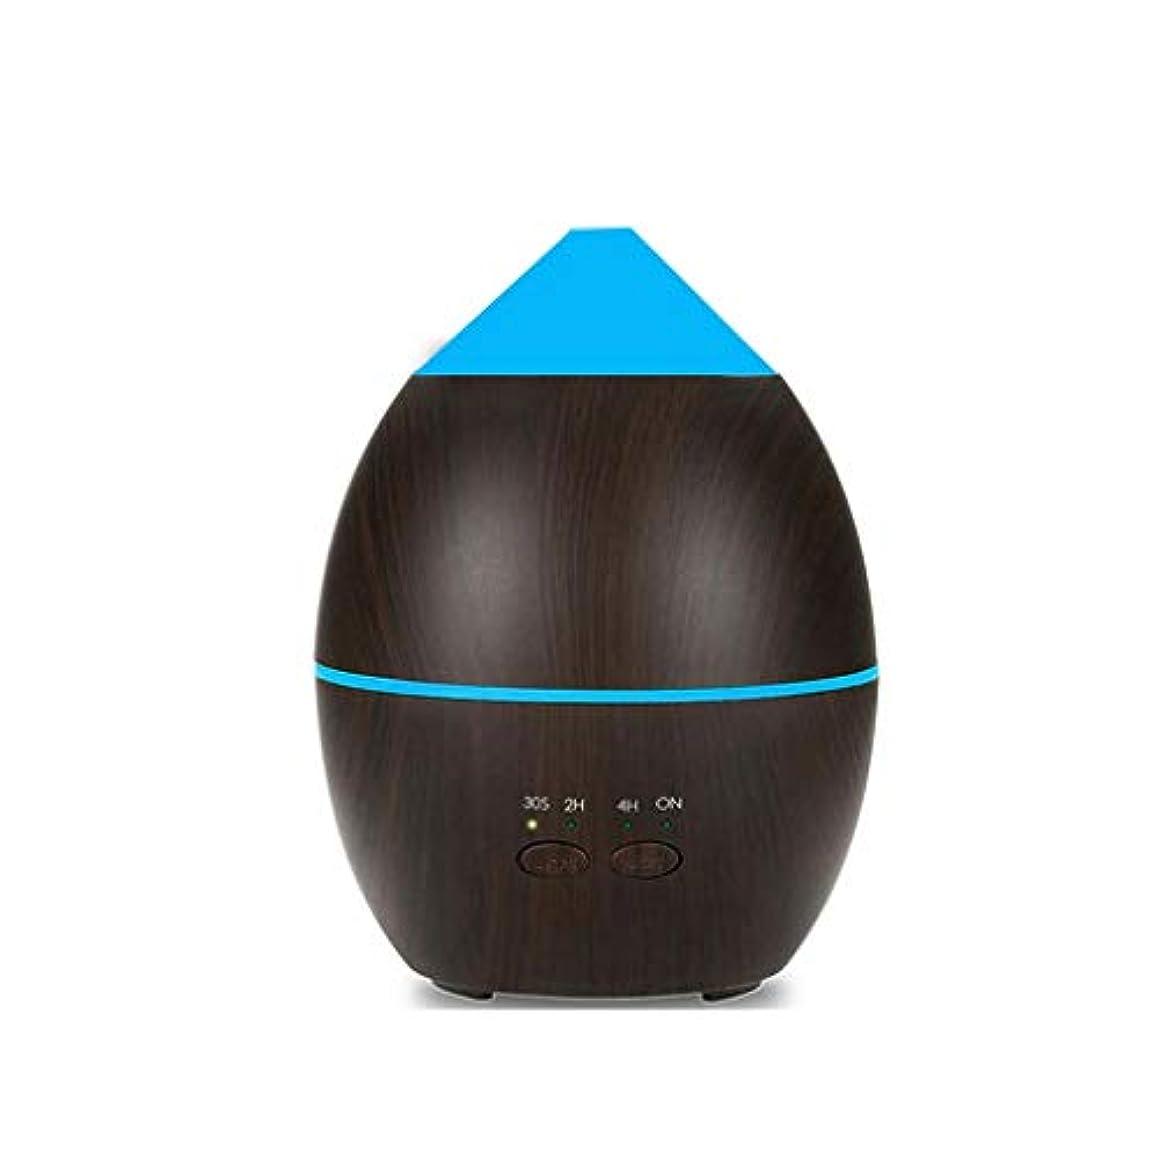 ミス自動化例外加湿器水滴モデル300ミリリットル加湿器リモコンusb 300ミリリットル、木目 (Color : Brown)